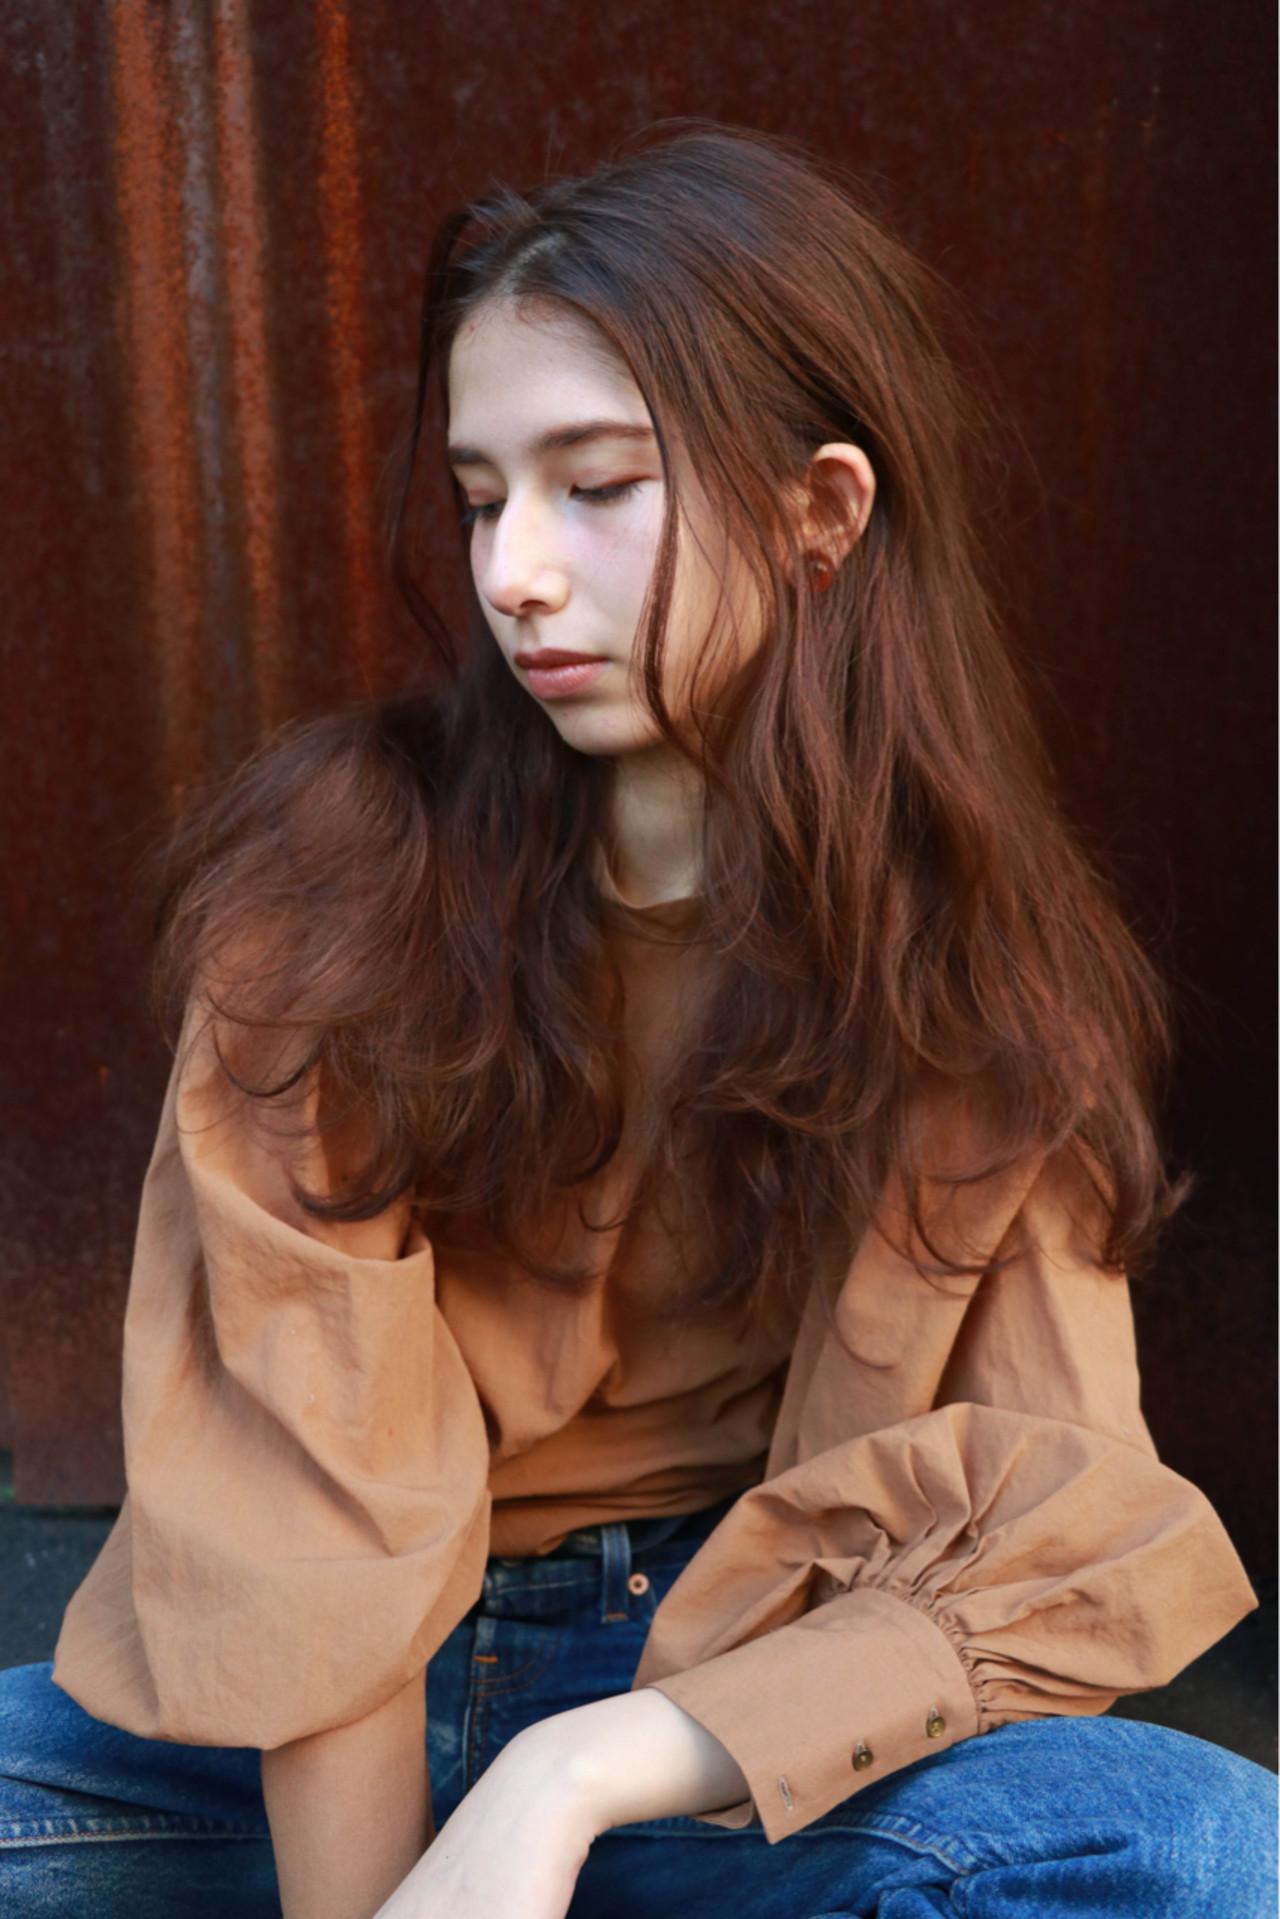 ナチュラル パーマ アプリコットオレンジ ウェーブ ヘアスタイルや髪型の写真・画像